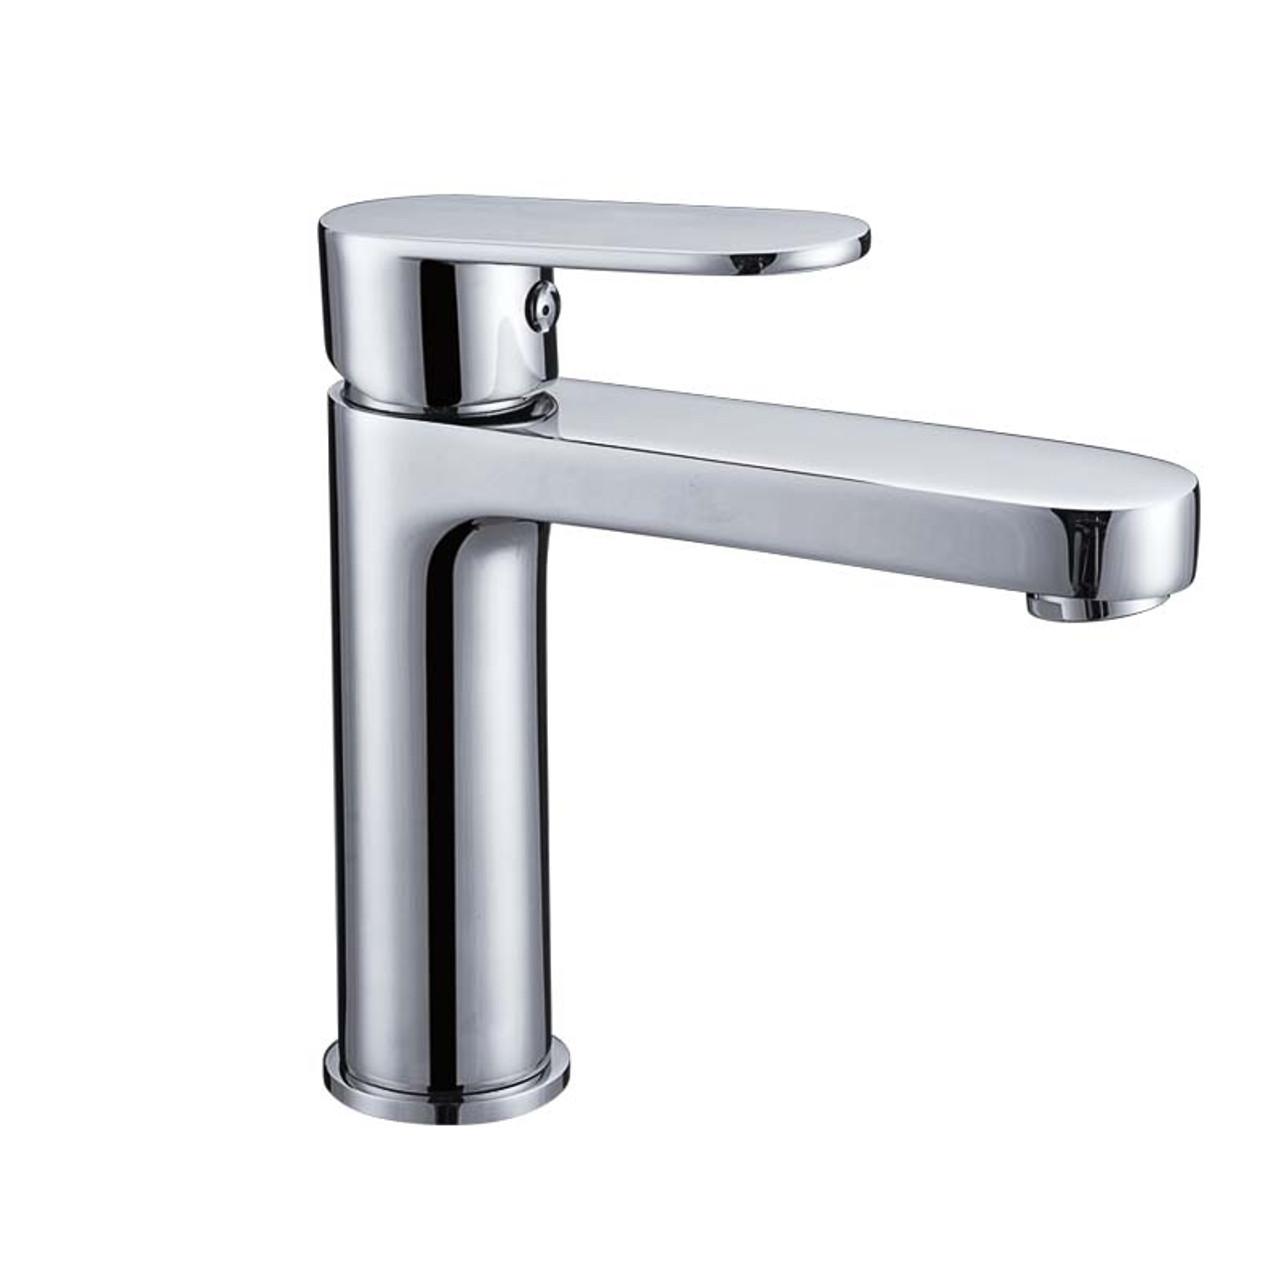 single hole bathroom faucets. Royal Pura Single Hole Bathroom Faucet Faucets